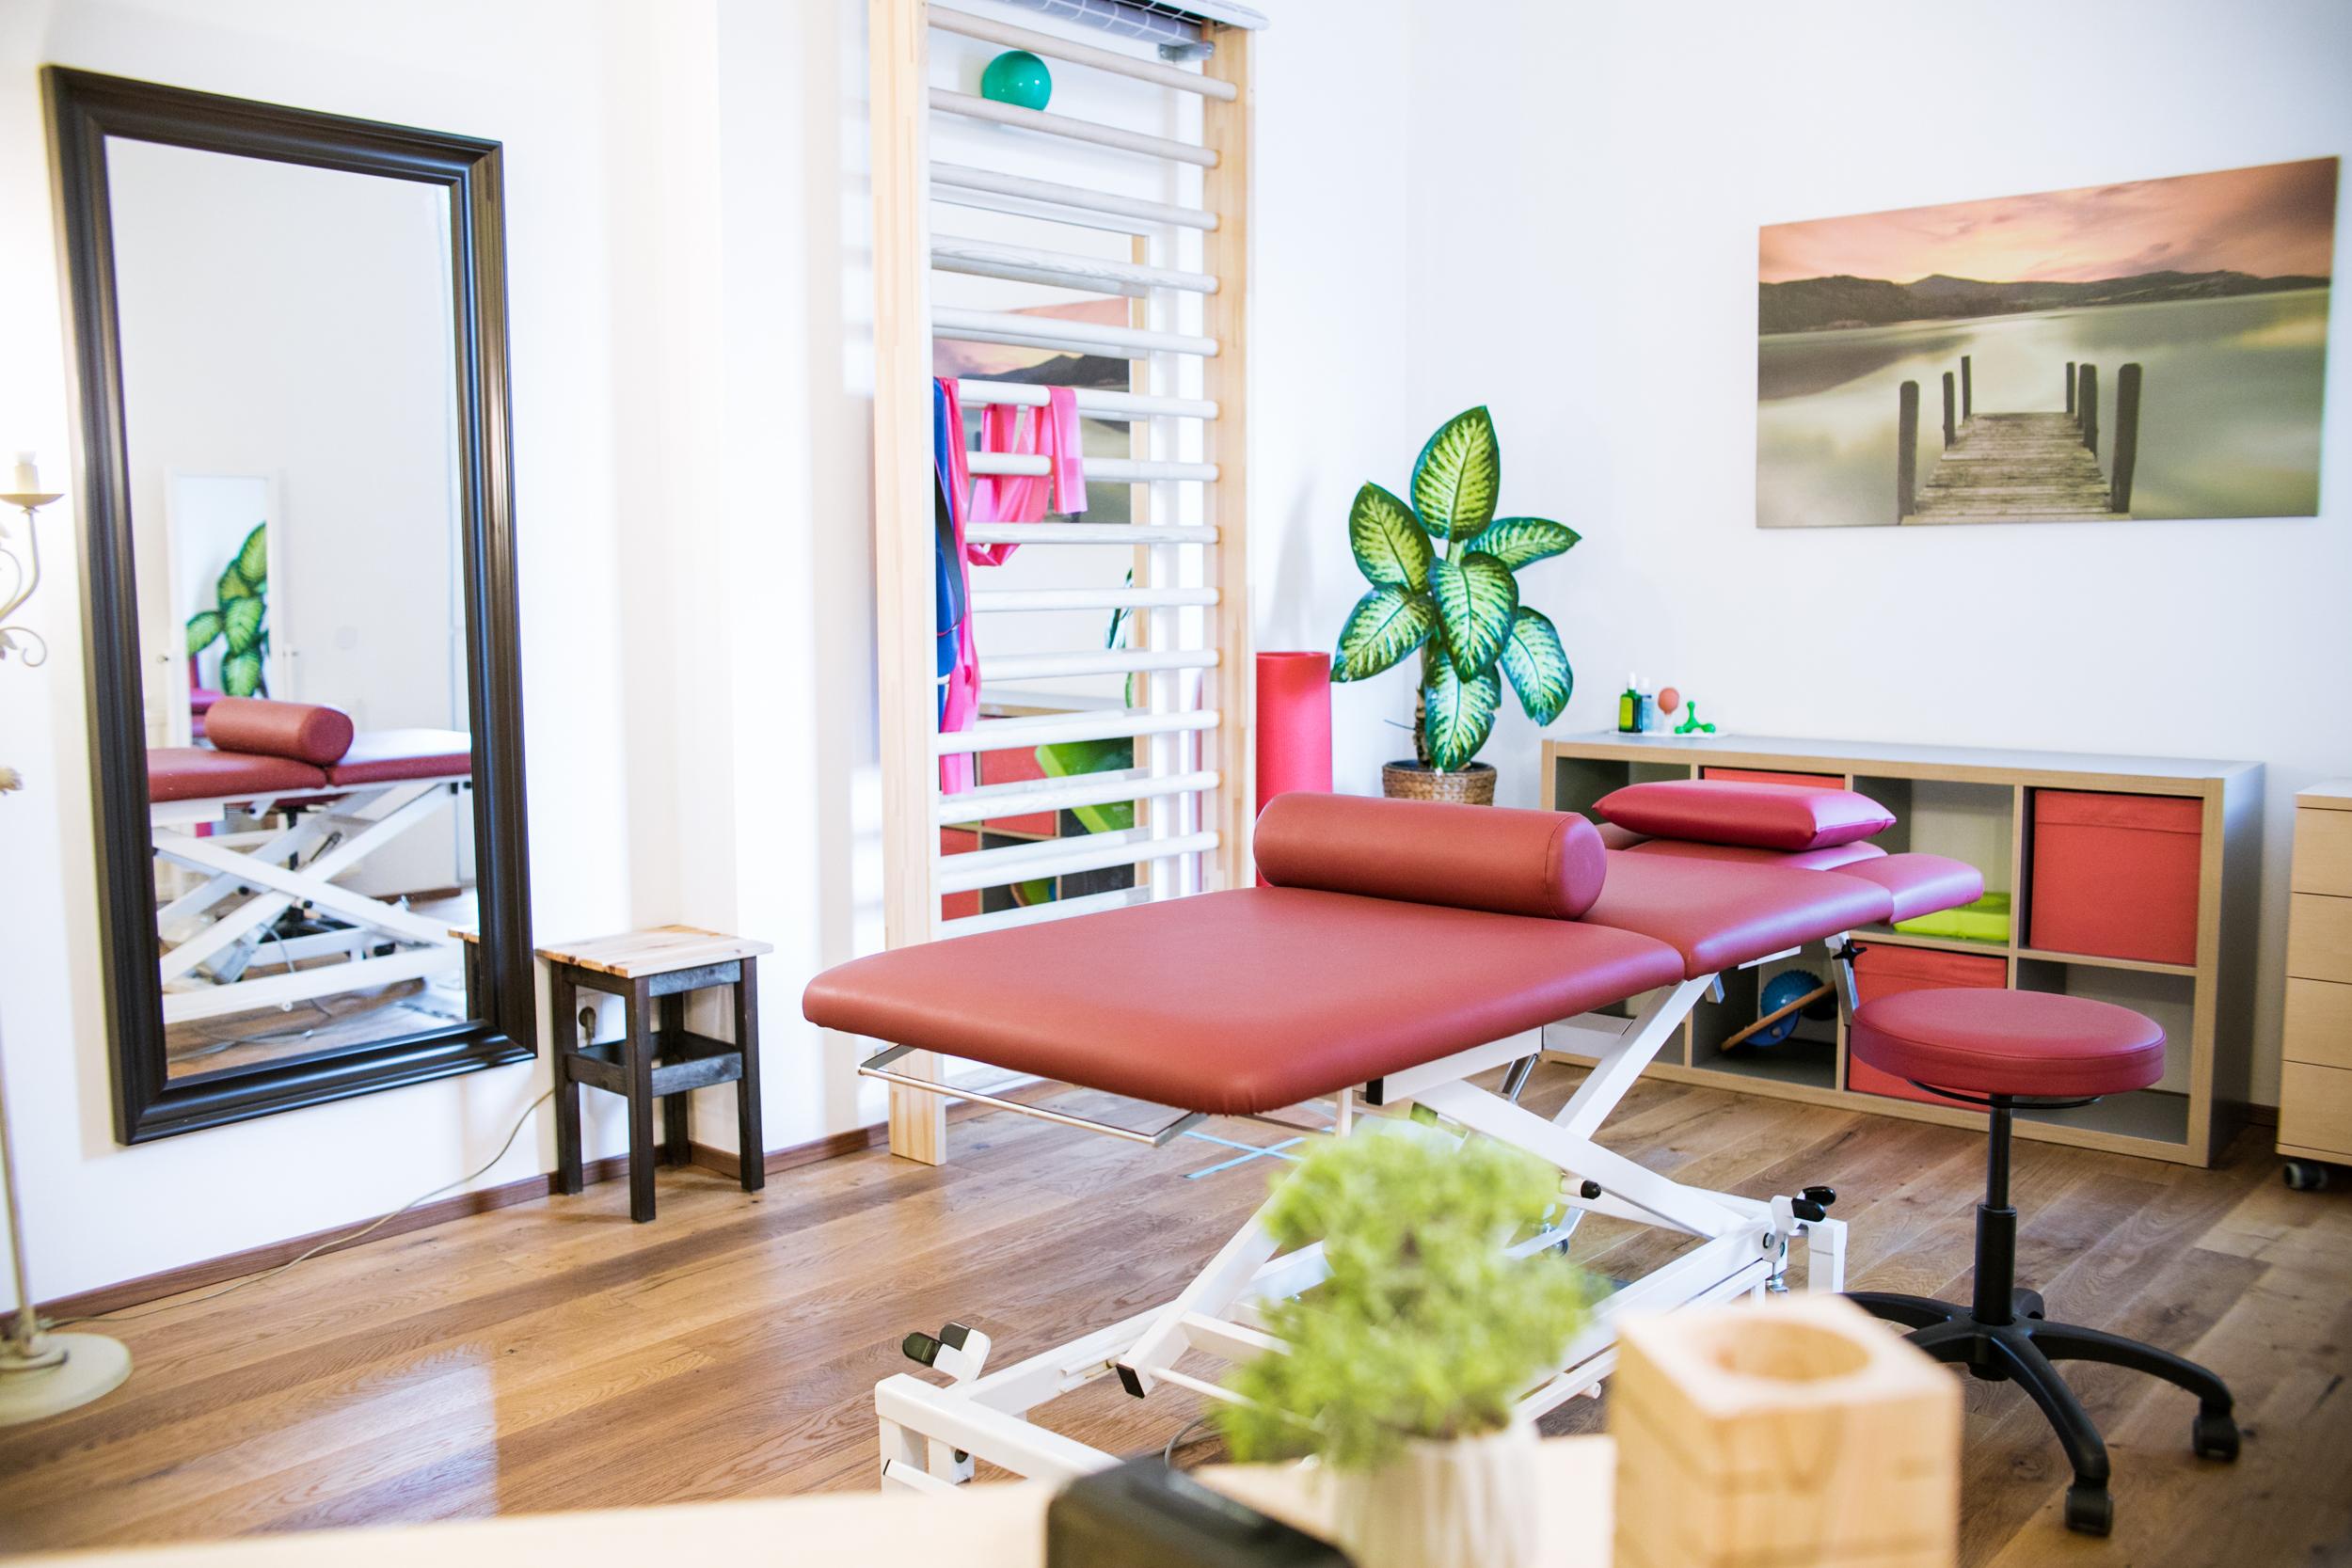 Roter Therapietisch in einem Behandlungszimmer